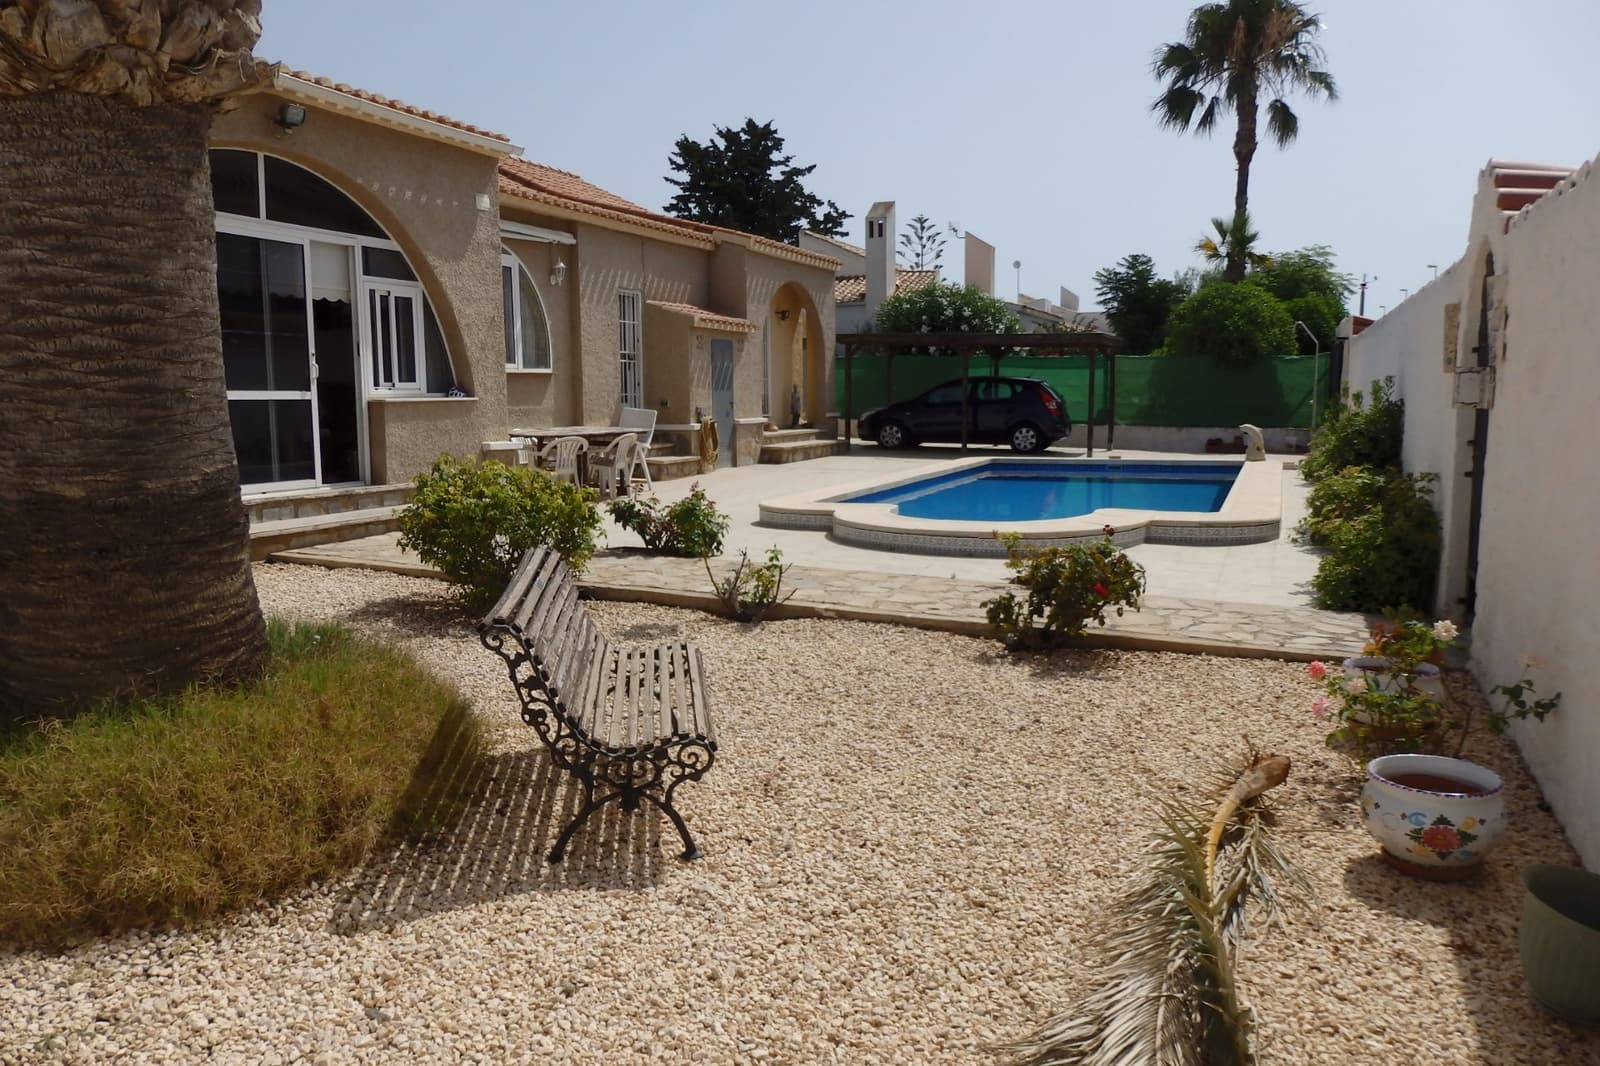 Chalet de 4 habitaciones en Playa Flamenca en venta con piscina - 320.000 € (Ref: 4686574)